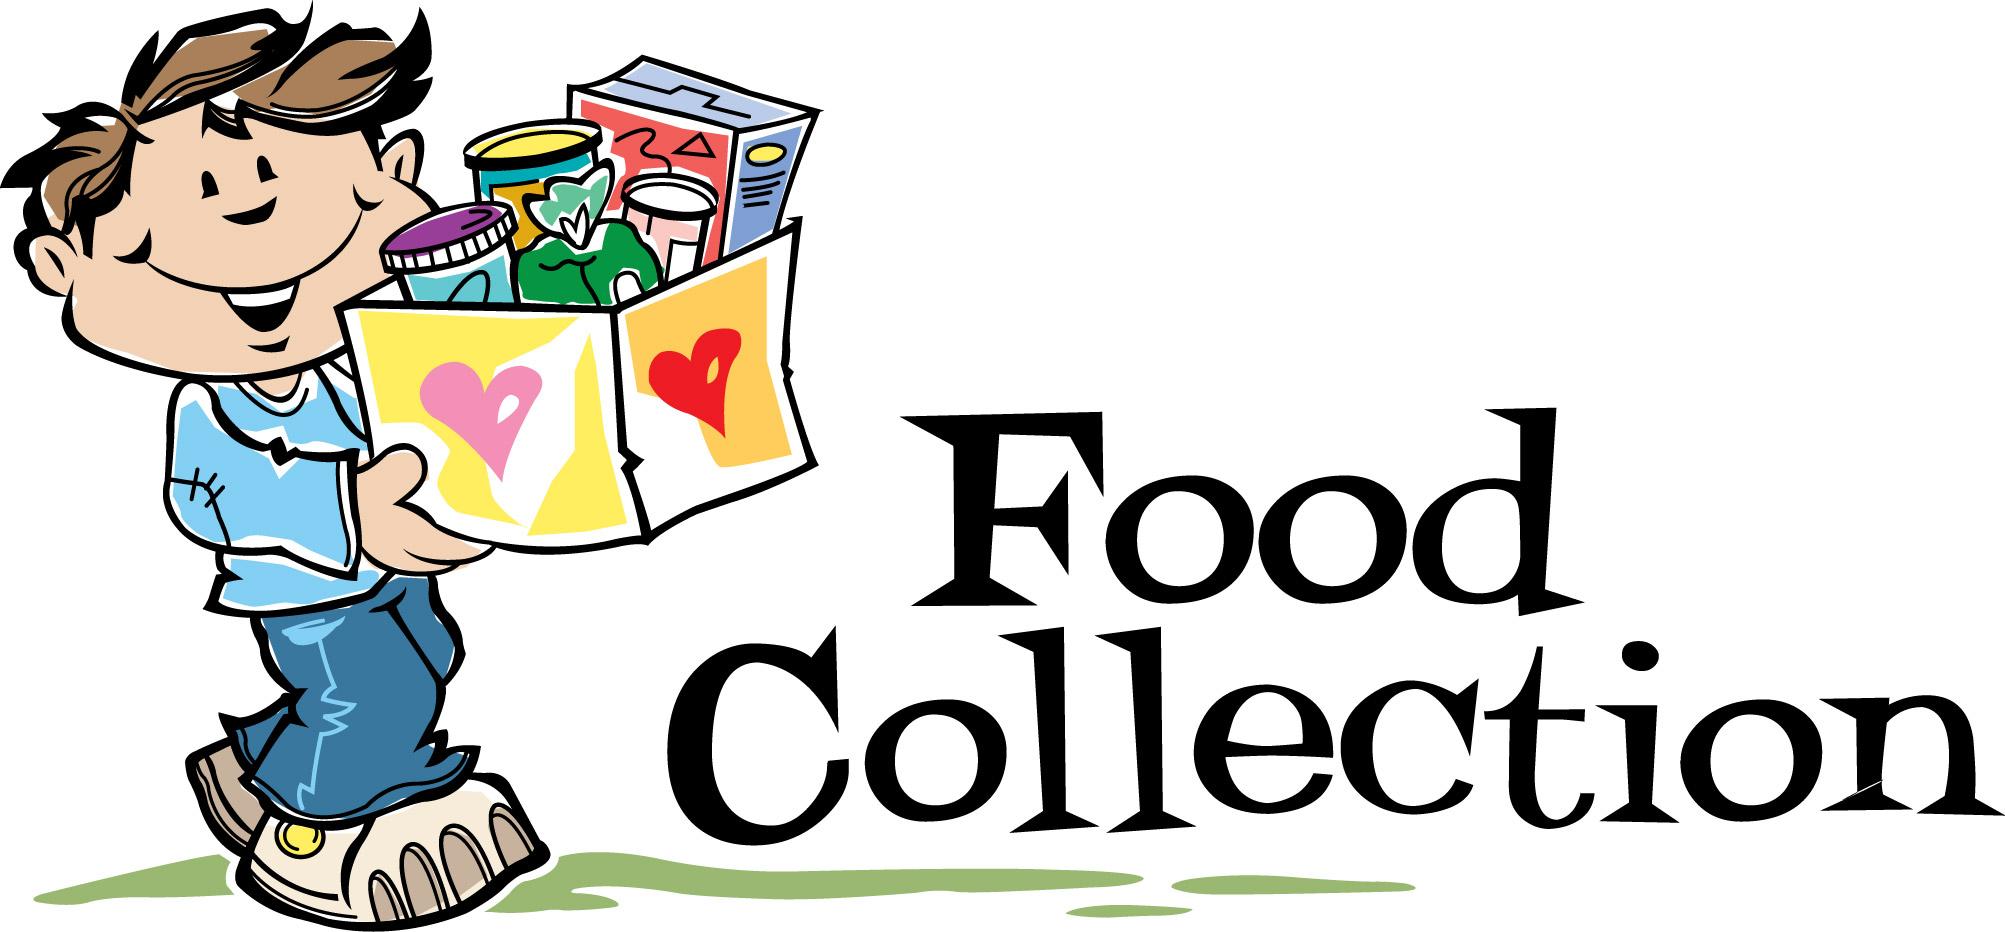 Non perishable food donations clipart.